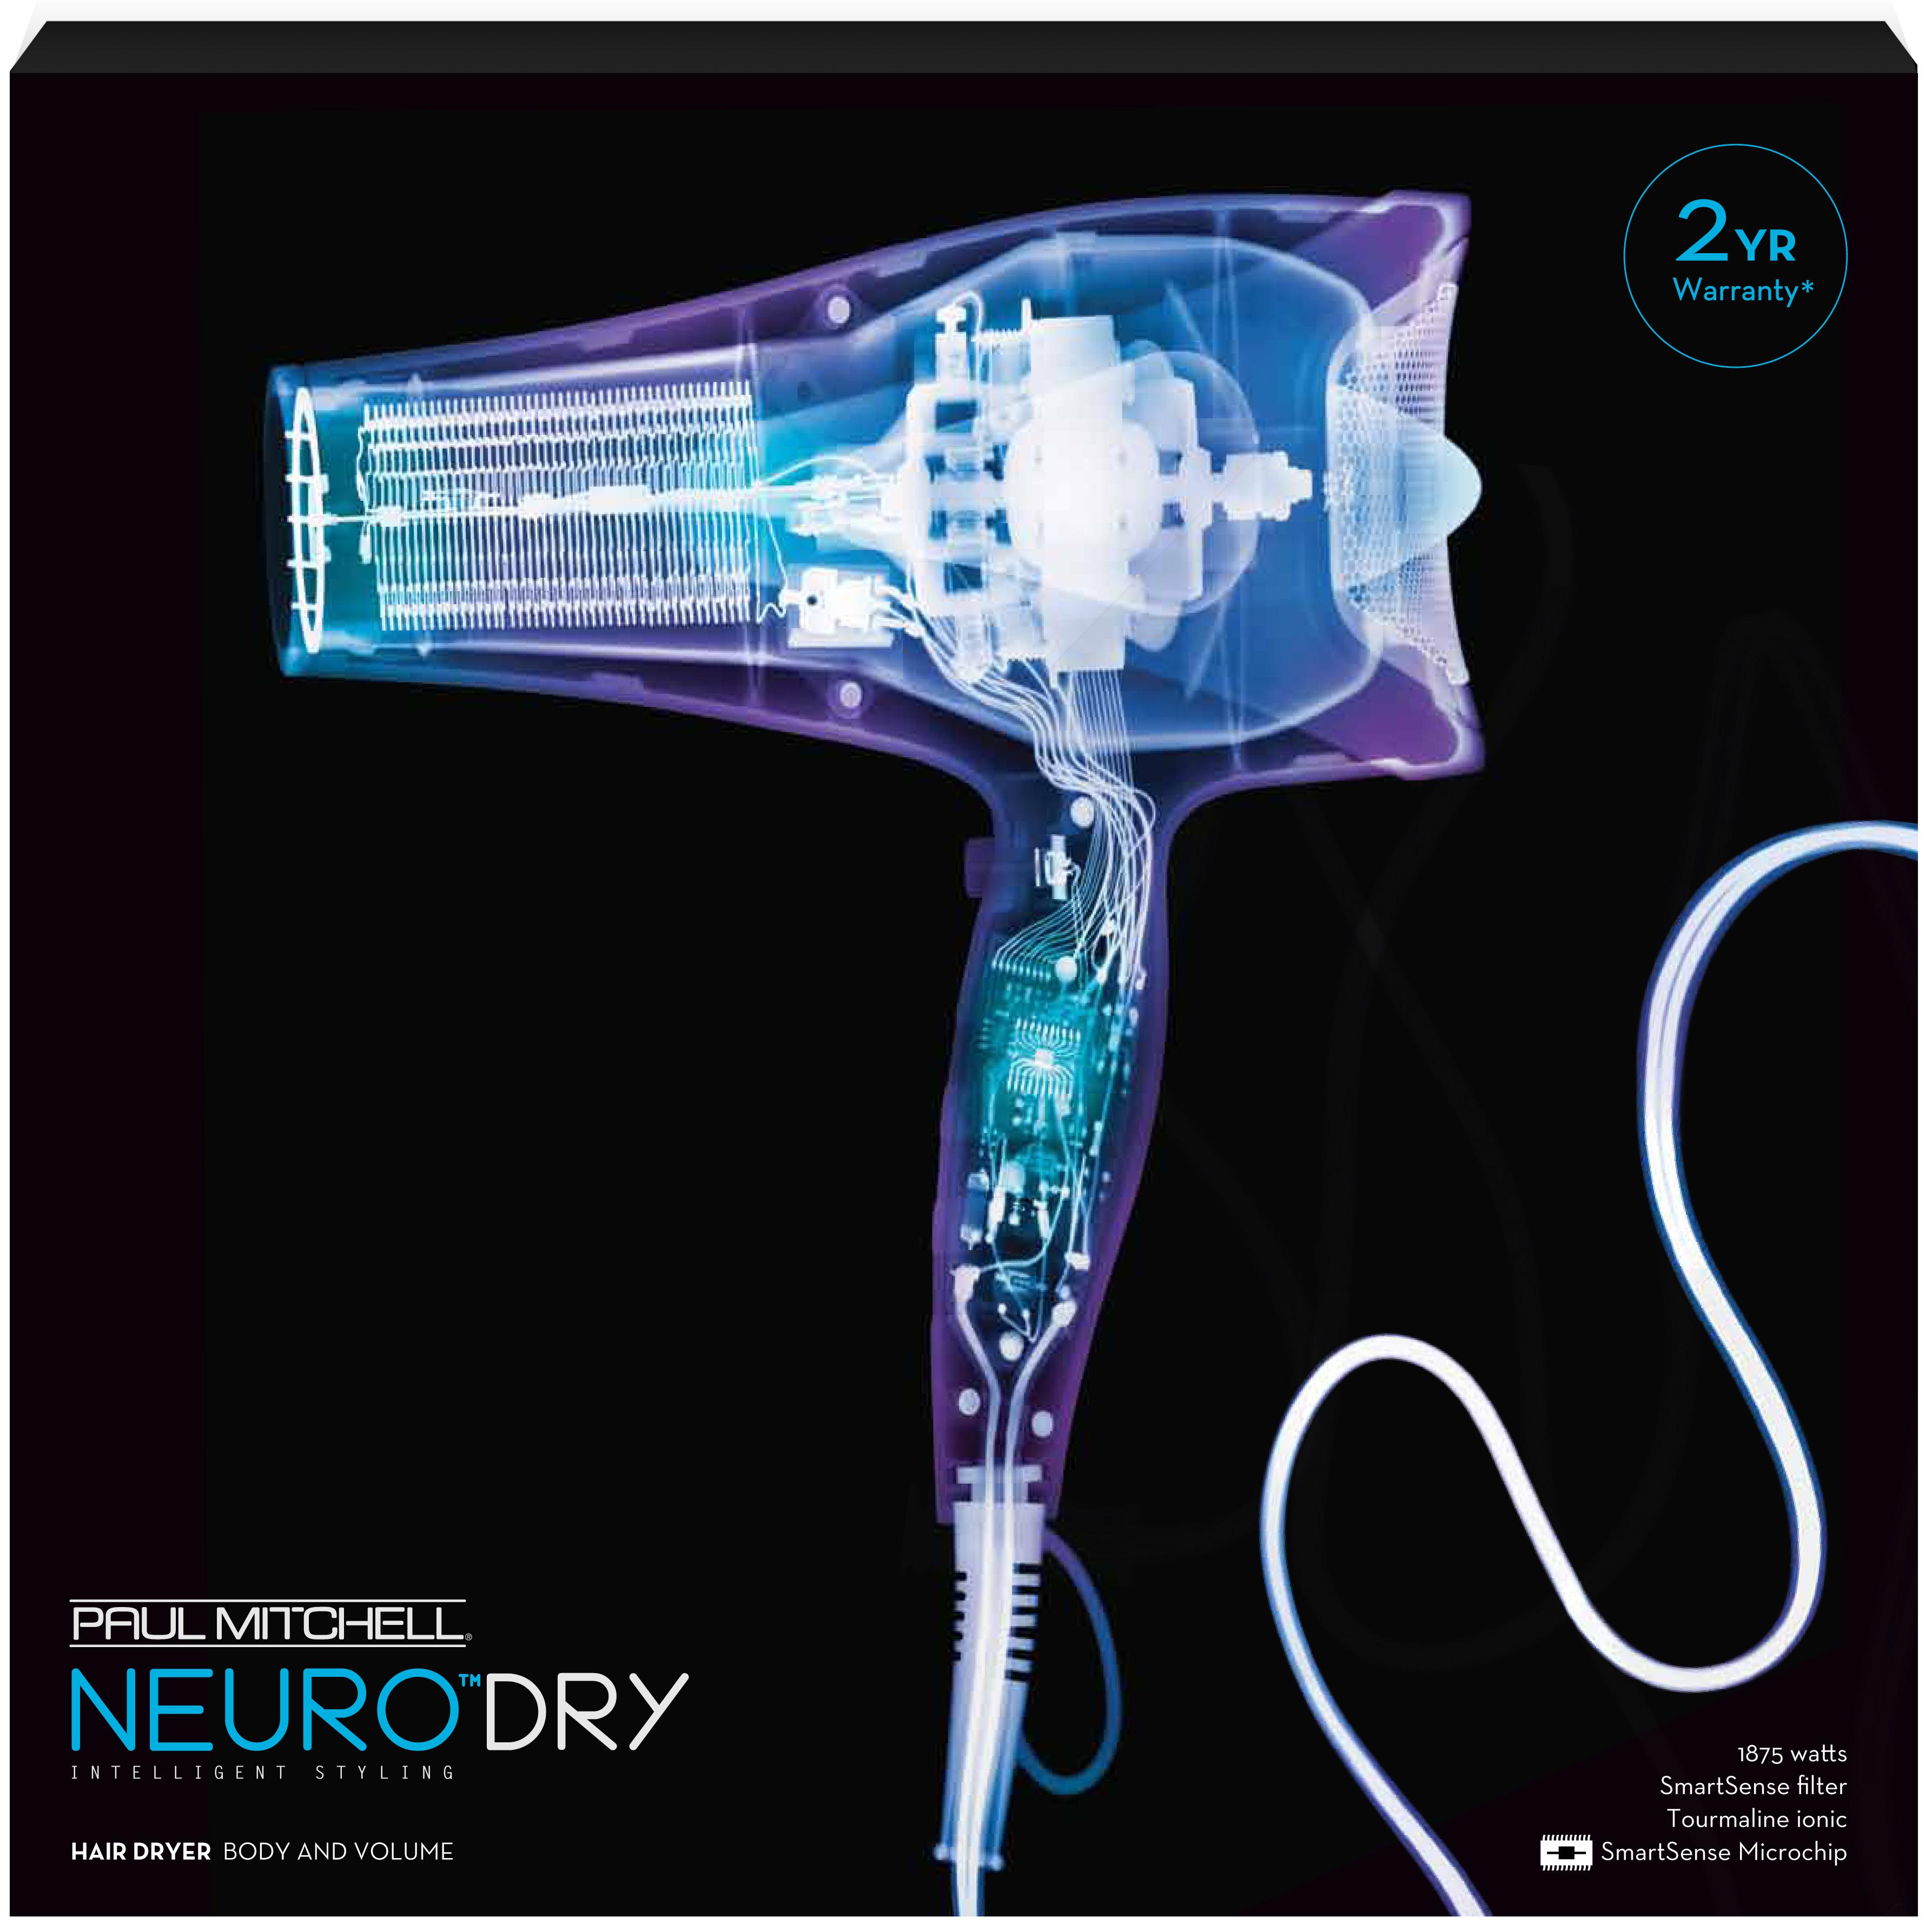 NEURO® DRY PROFESSIONELLER FÖHN